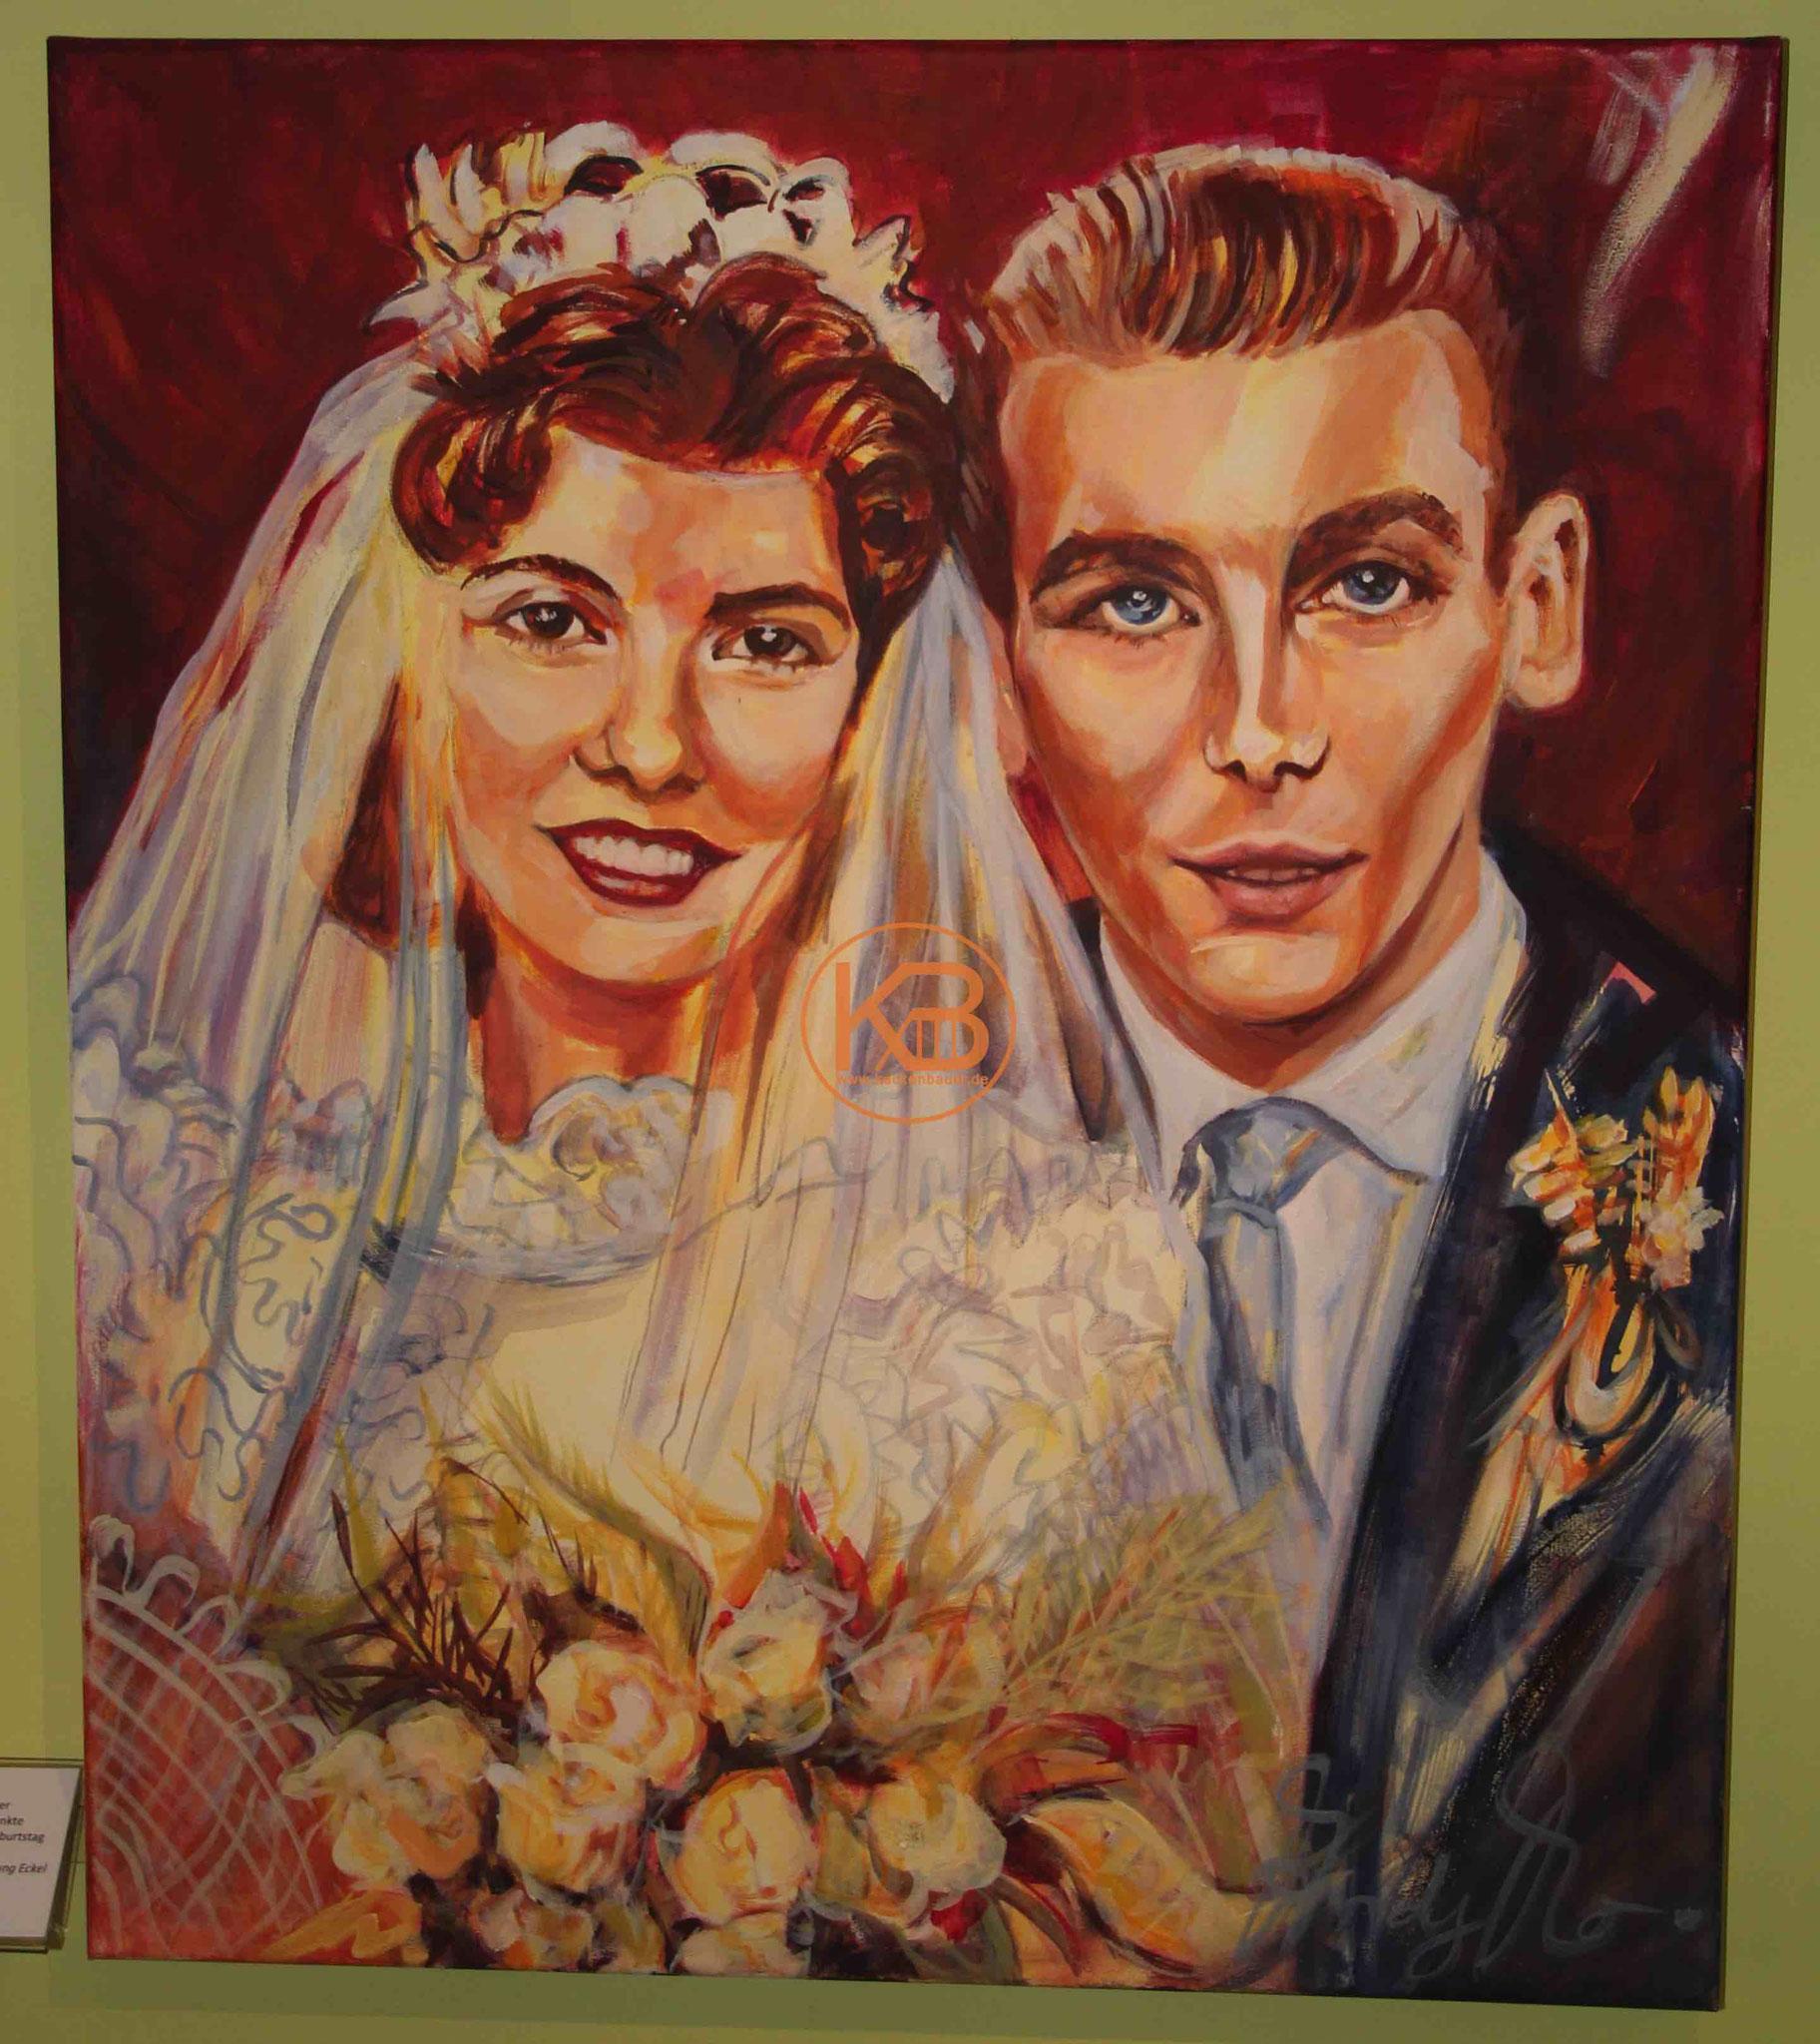 Ein Hochzeitsbild von Horst Eckel und seiner Frau